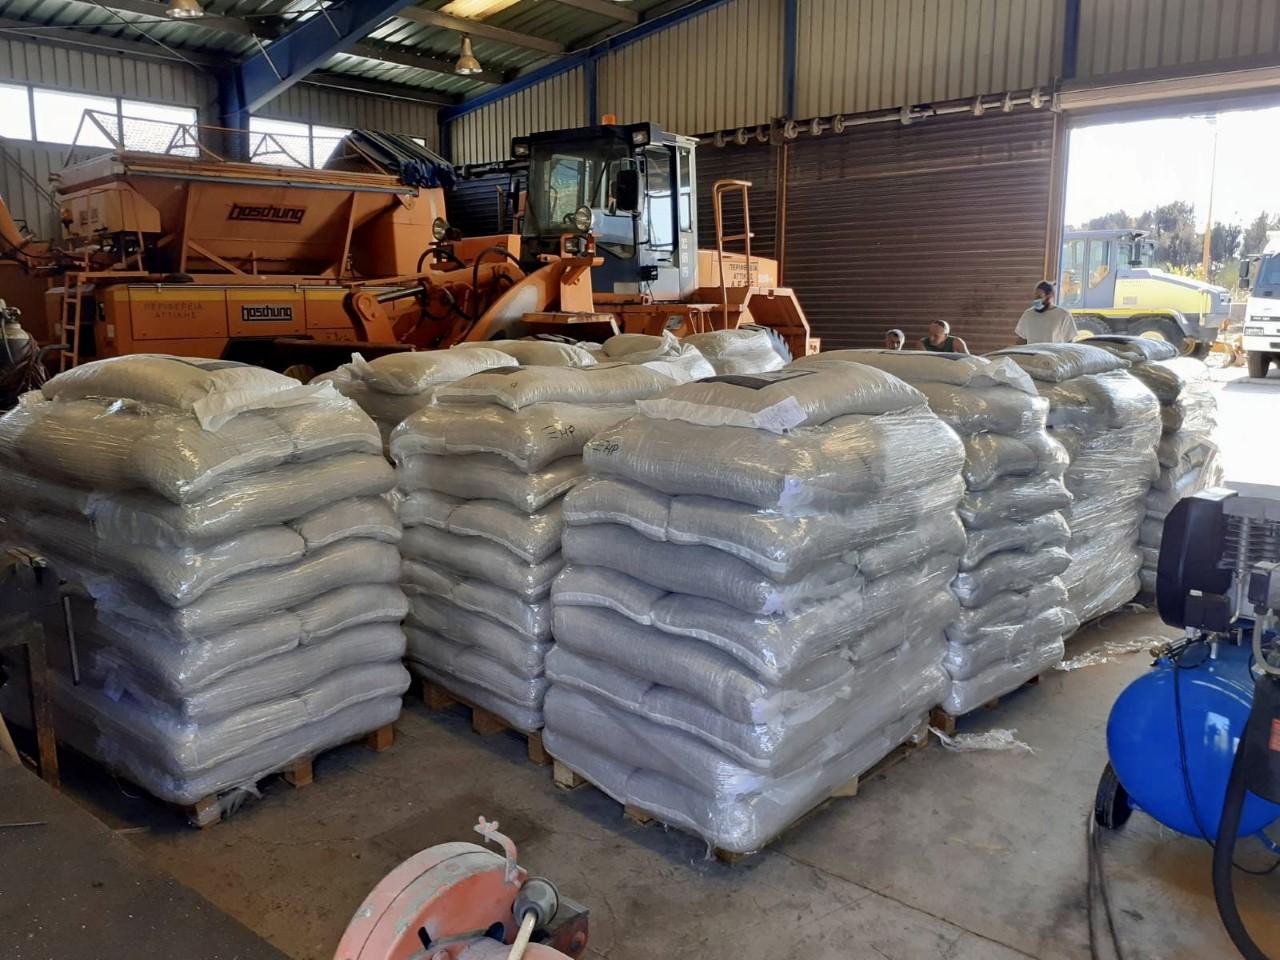 Διανομή 13 τόνων ζωοτροφών στους πληγέντες κτηνοτρόφους της Ανατολικής Αττικής από την Περιφέρεια Αττικής